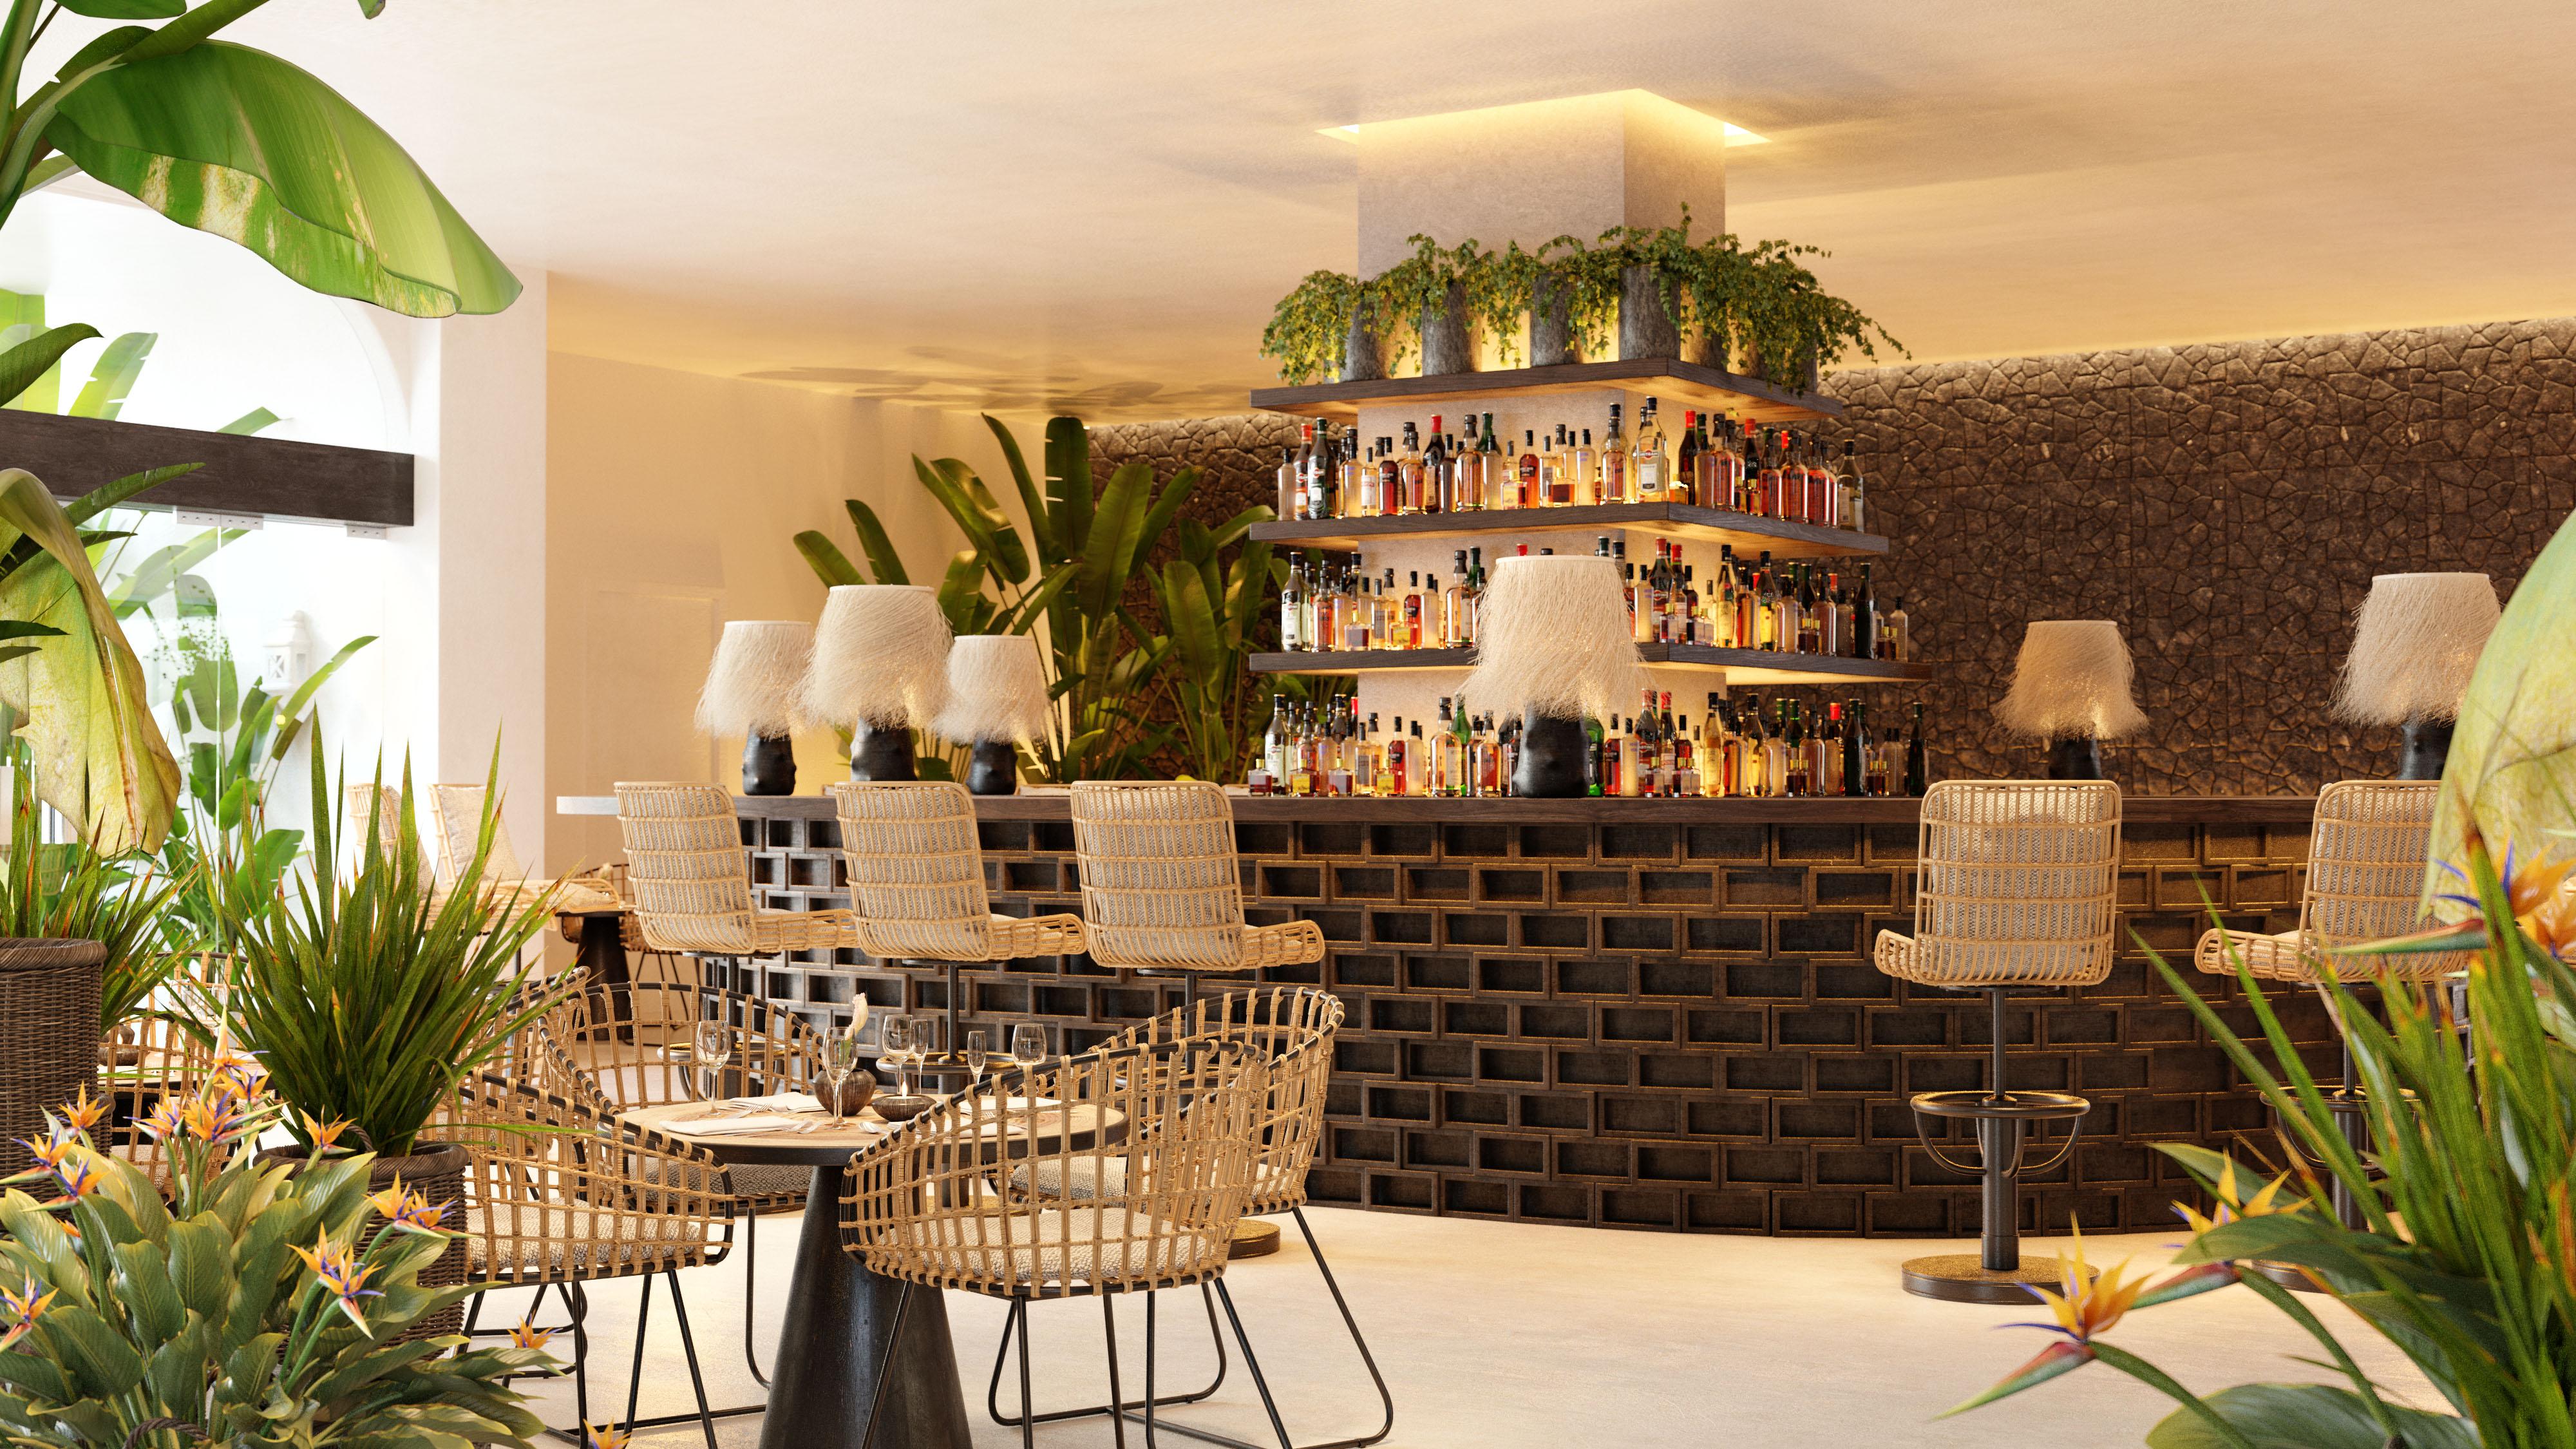 Hotel jardin tropical 4 nl sejour canaries avec voyages auchan for Hotel jardin tropical tenerife sur